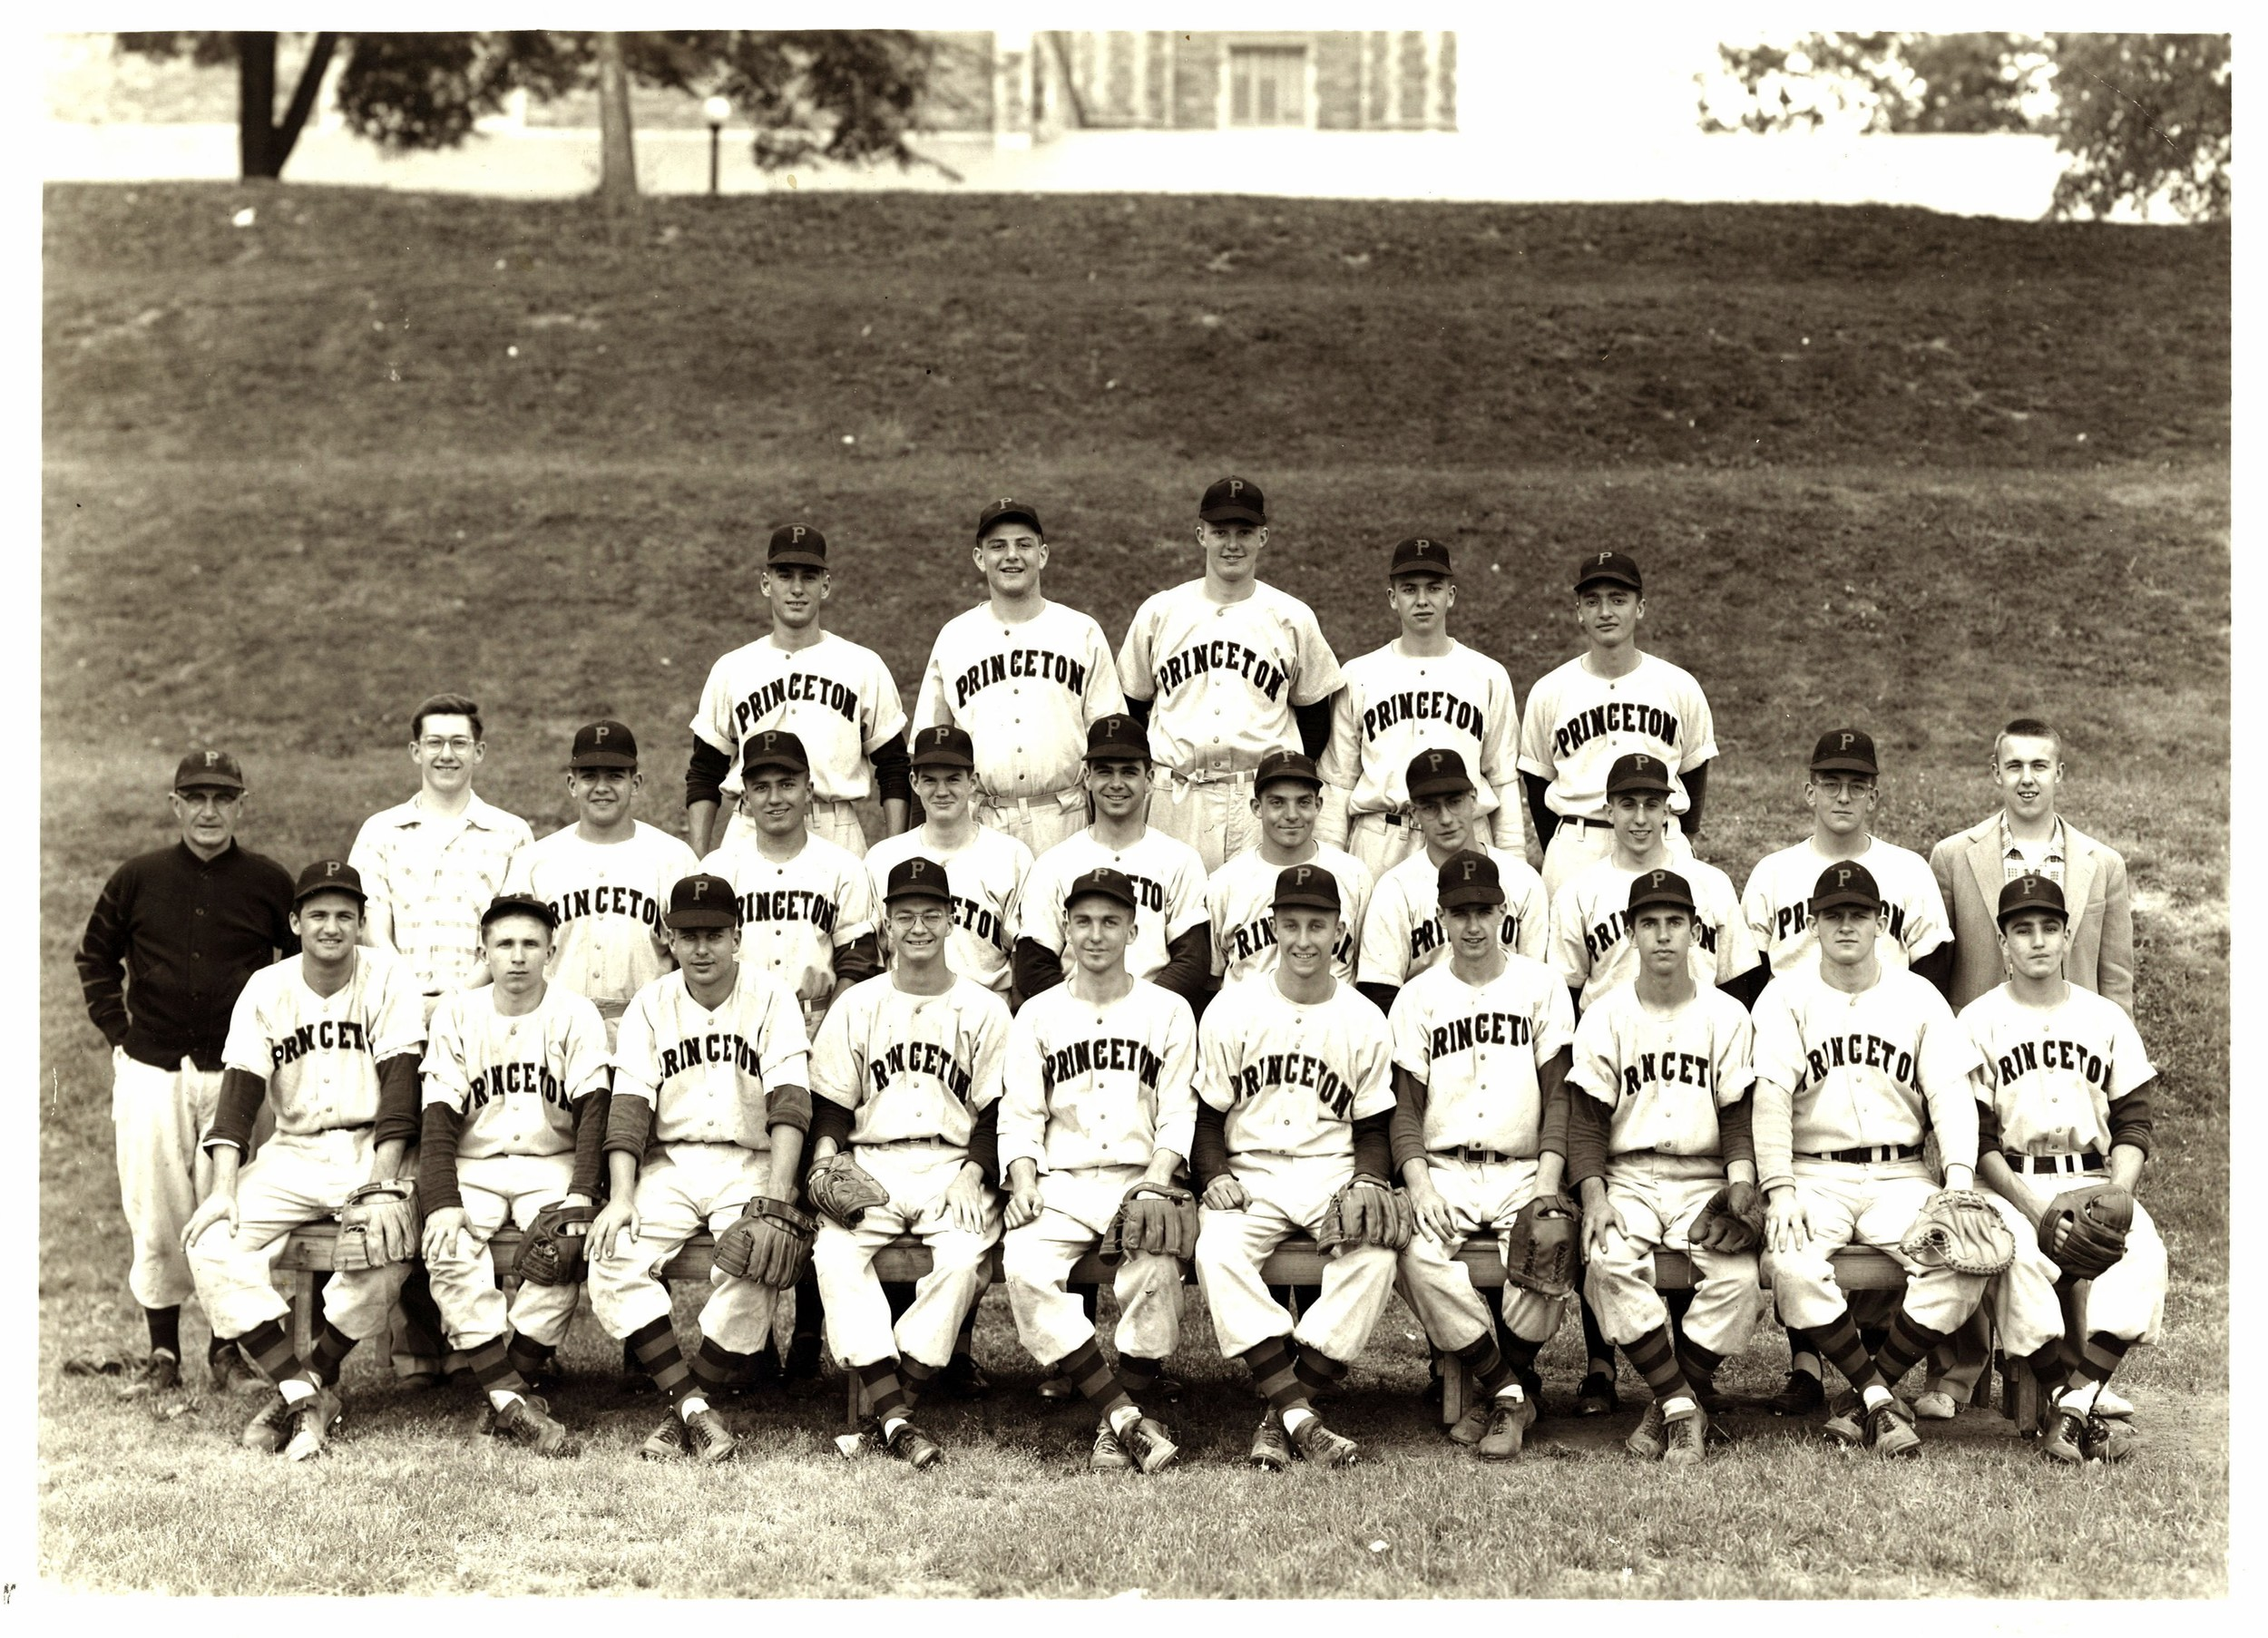 Princeton Baseball